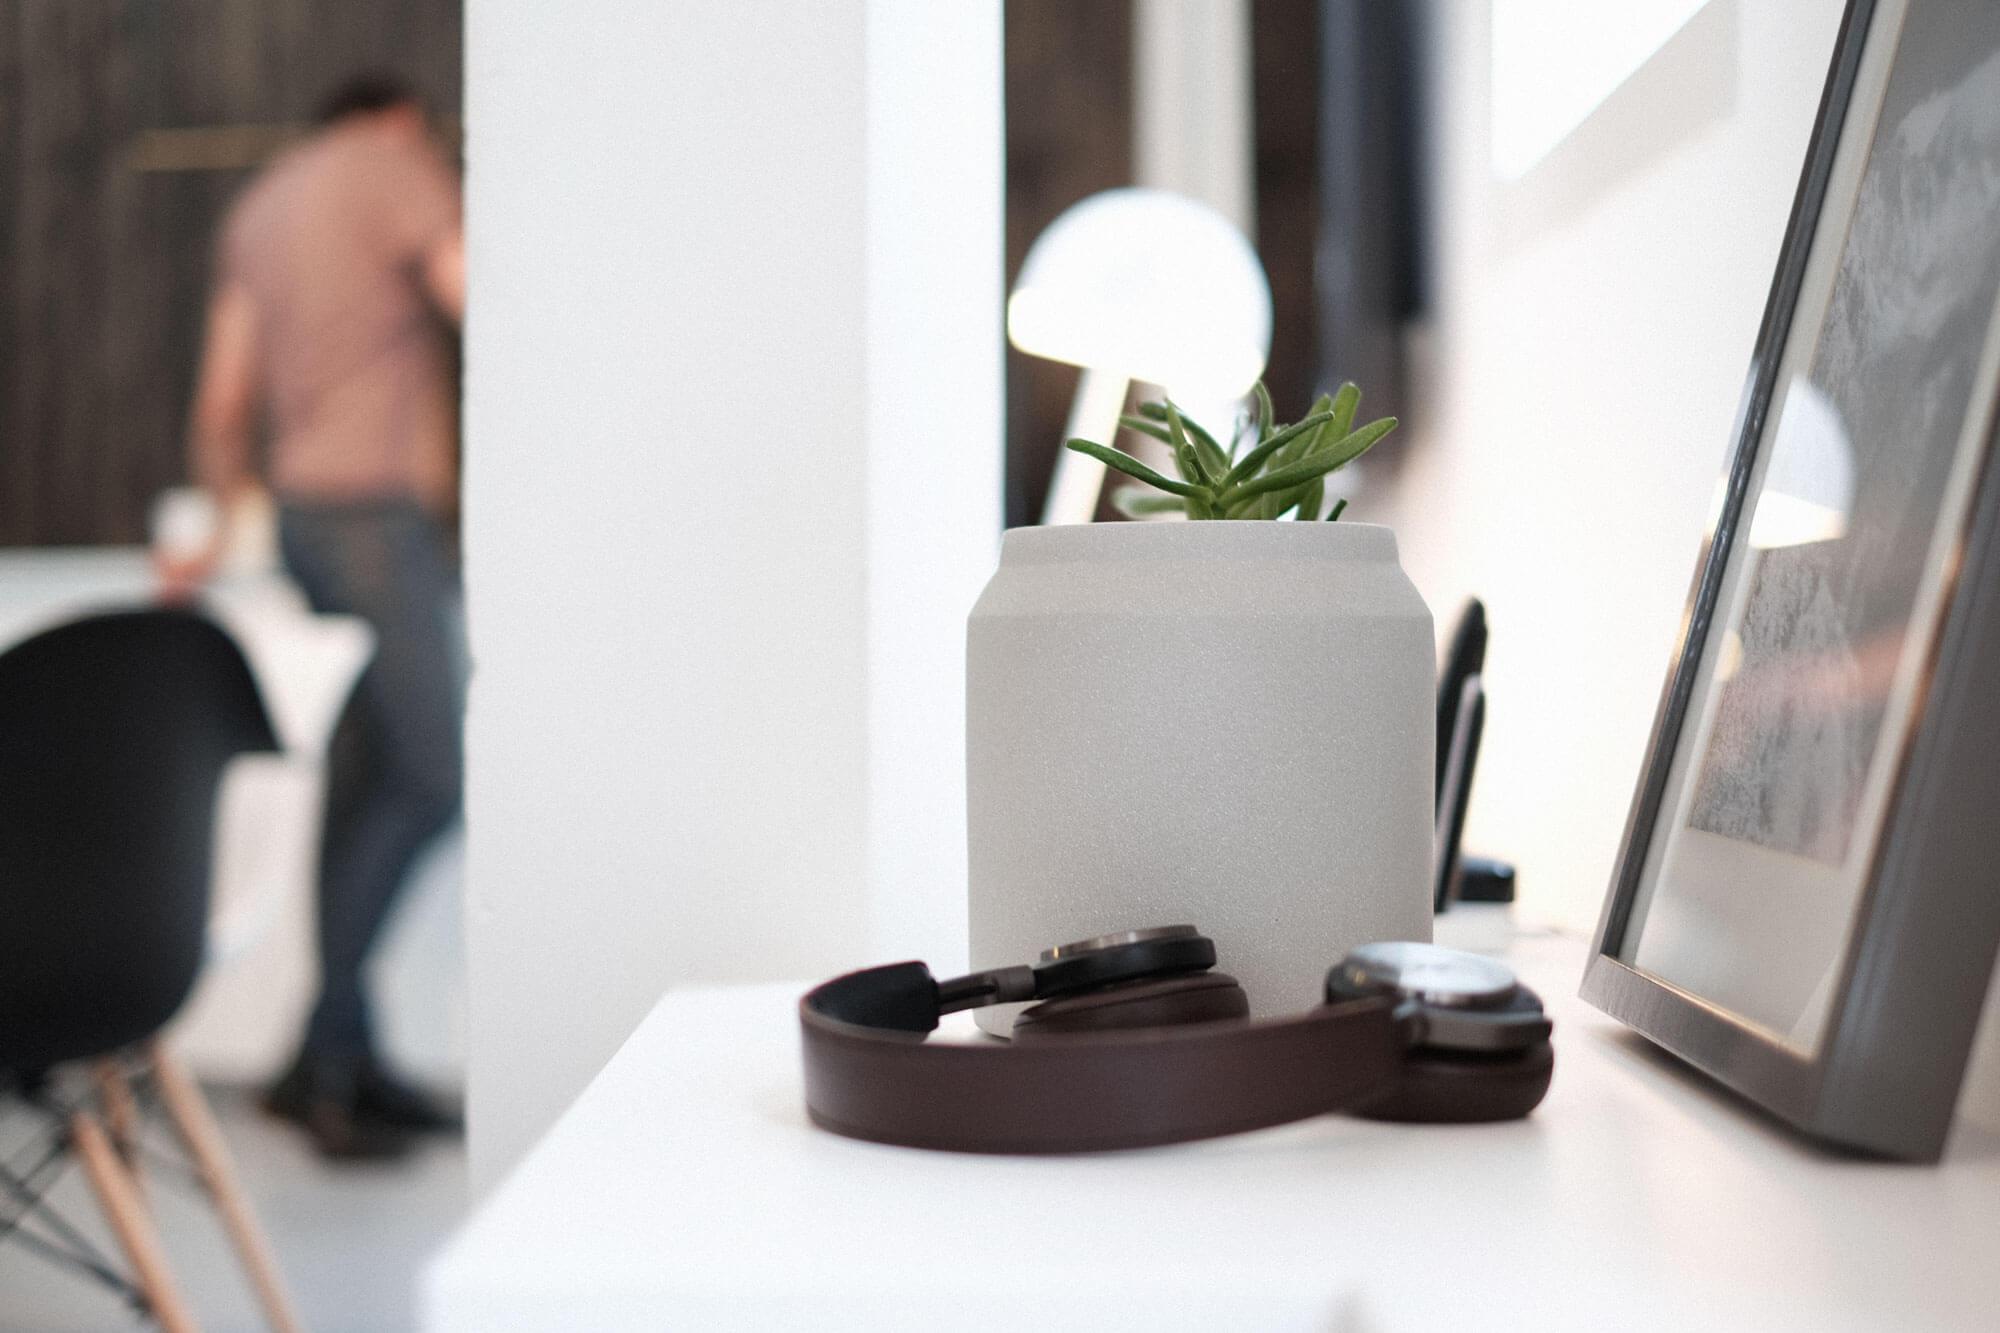 Beoplay h8 koptelefoon op een kast naast een fotolijst